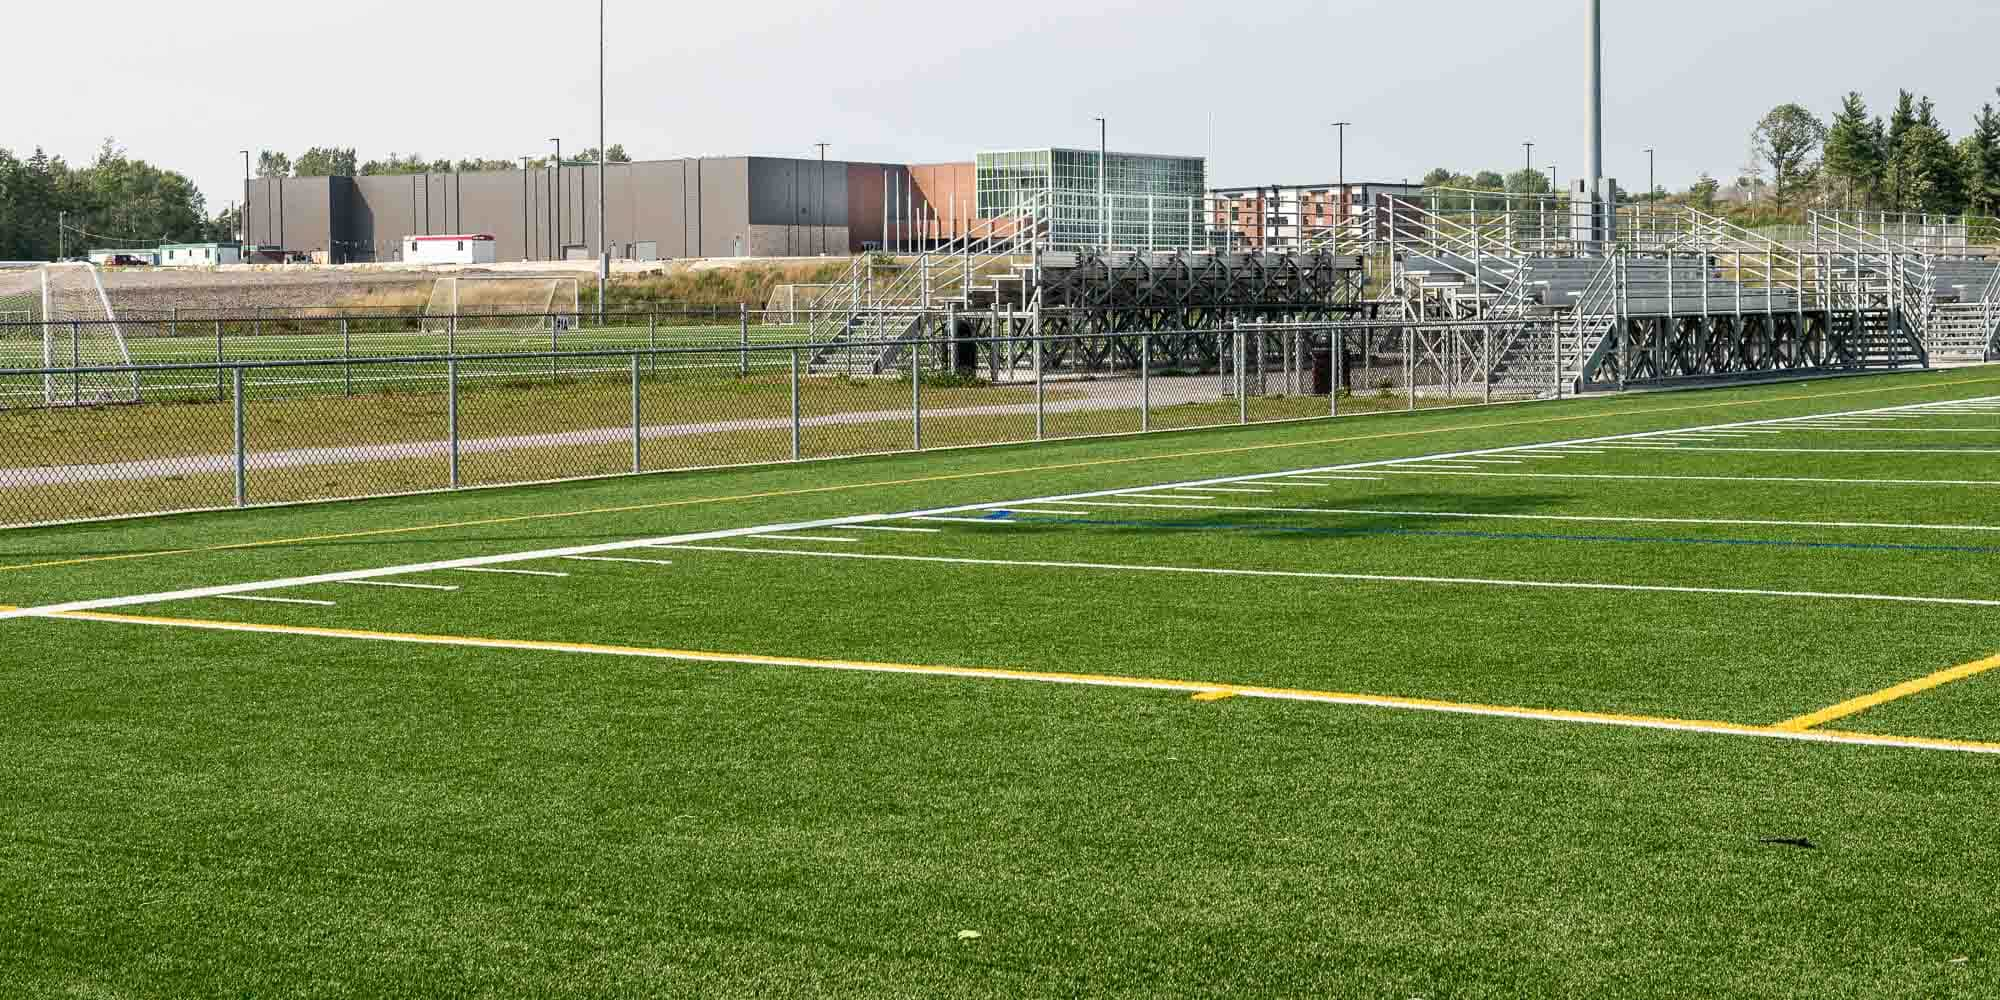 Situé près des terrains de soccer, le stationnement pourra aussi desservir le nouvel aréna.